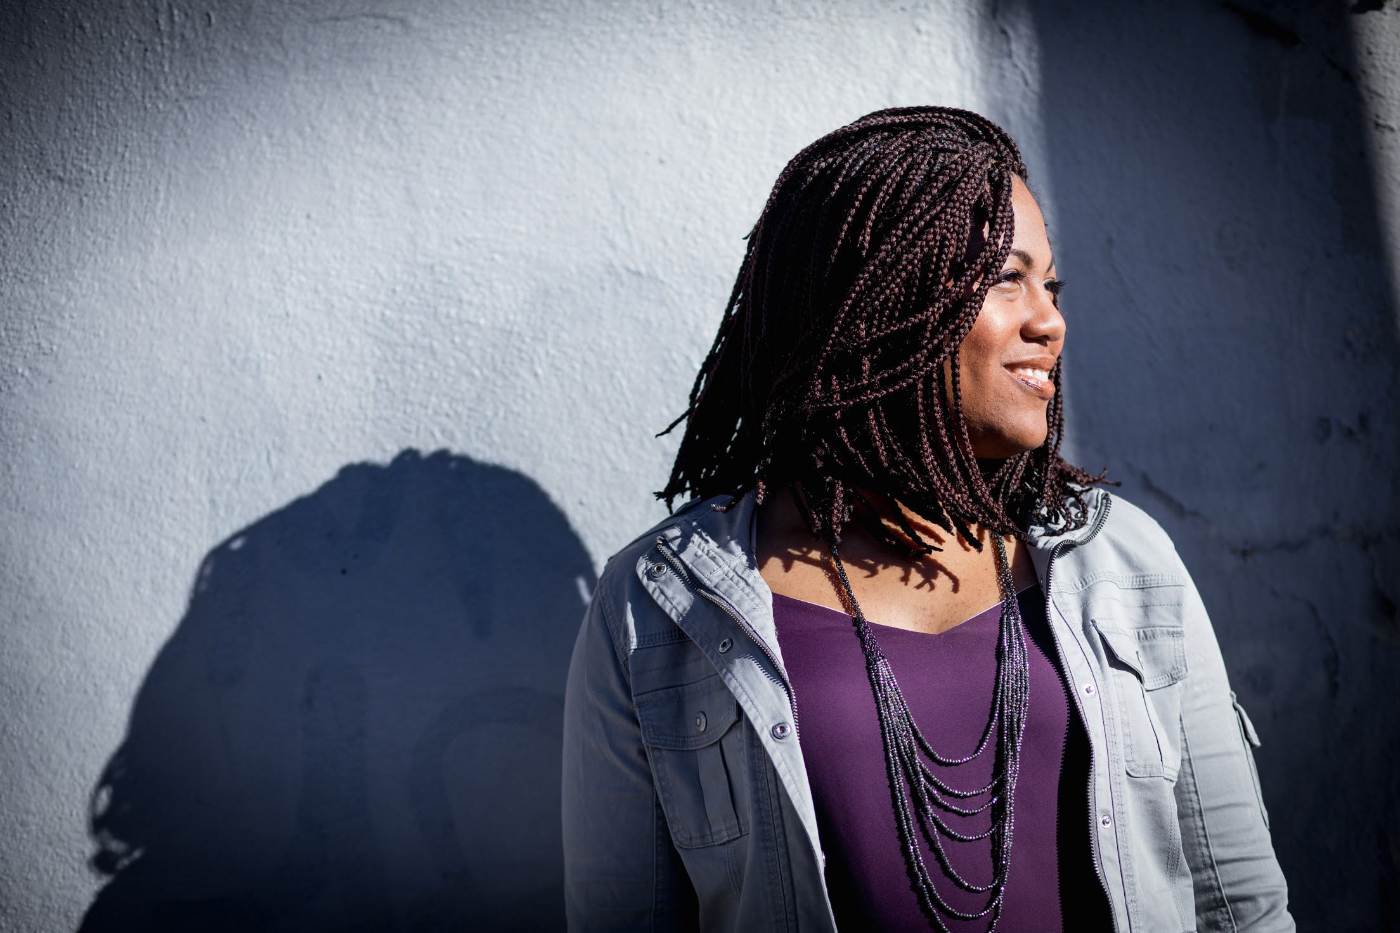 Foro de diversidad virtual UW-Madison 2020 para mostrar a los autores sobre el racismo y la dignidad